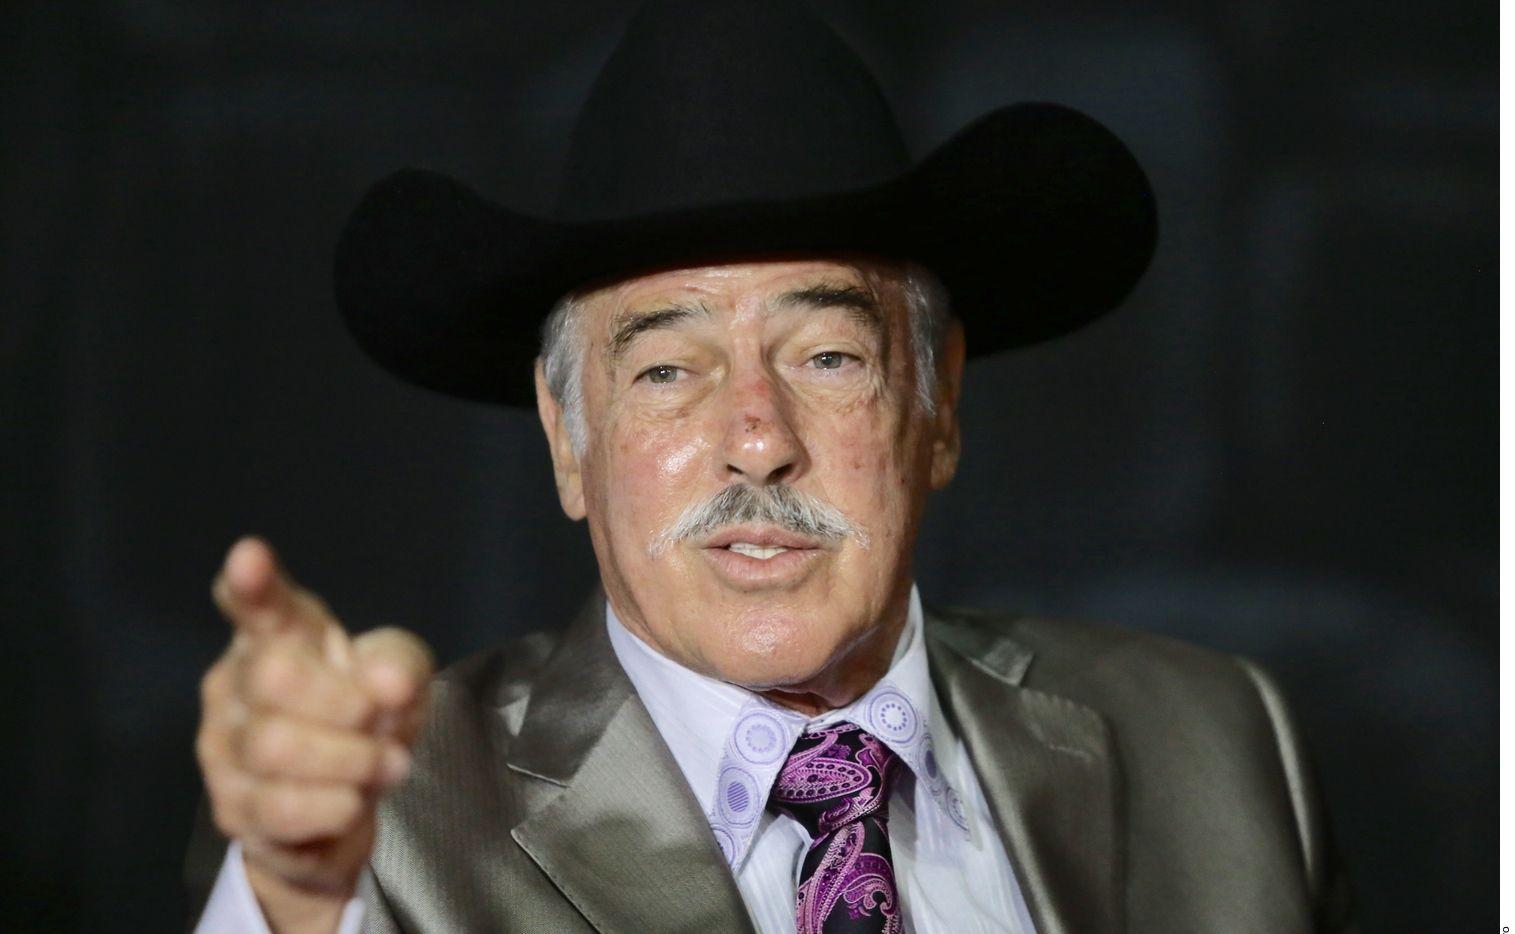 Andrés García le pidió el divorcio a su esposa Margarita Portillo, pero ella se lo ha negado.